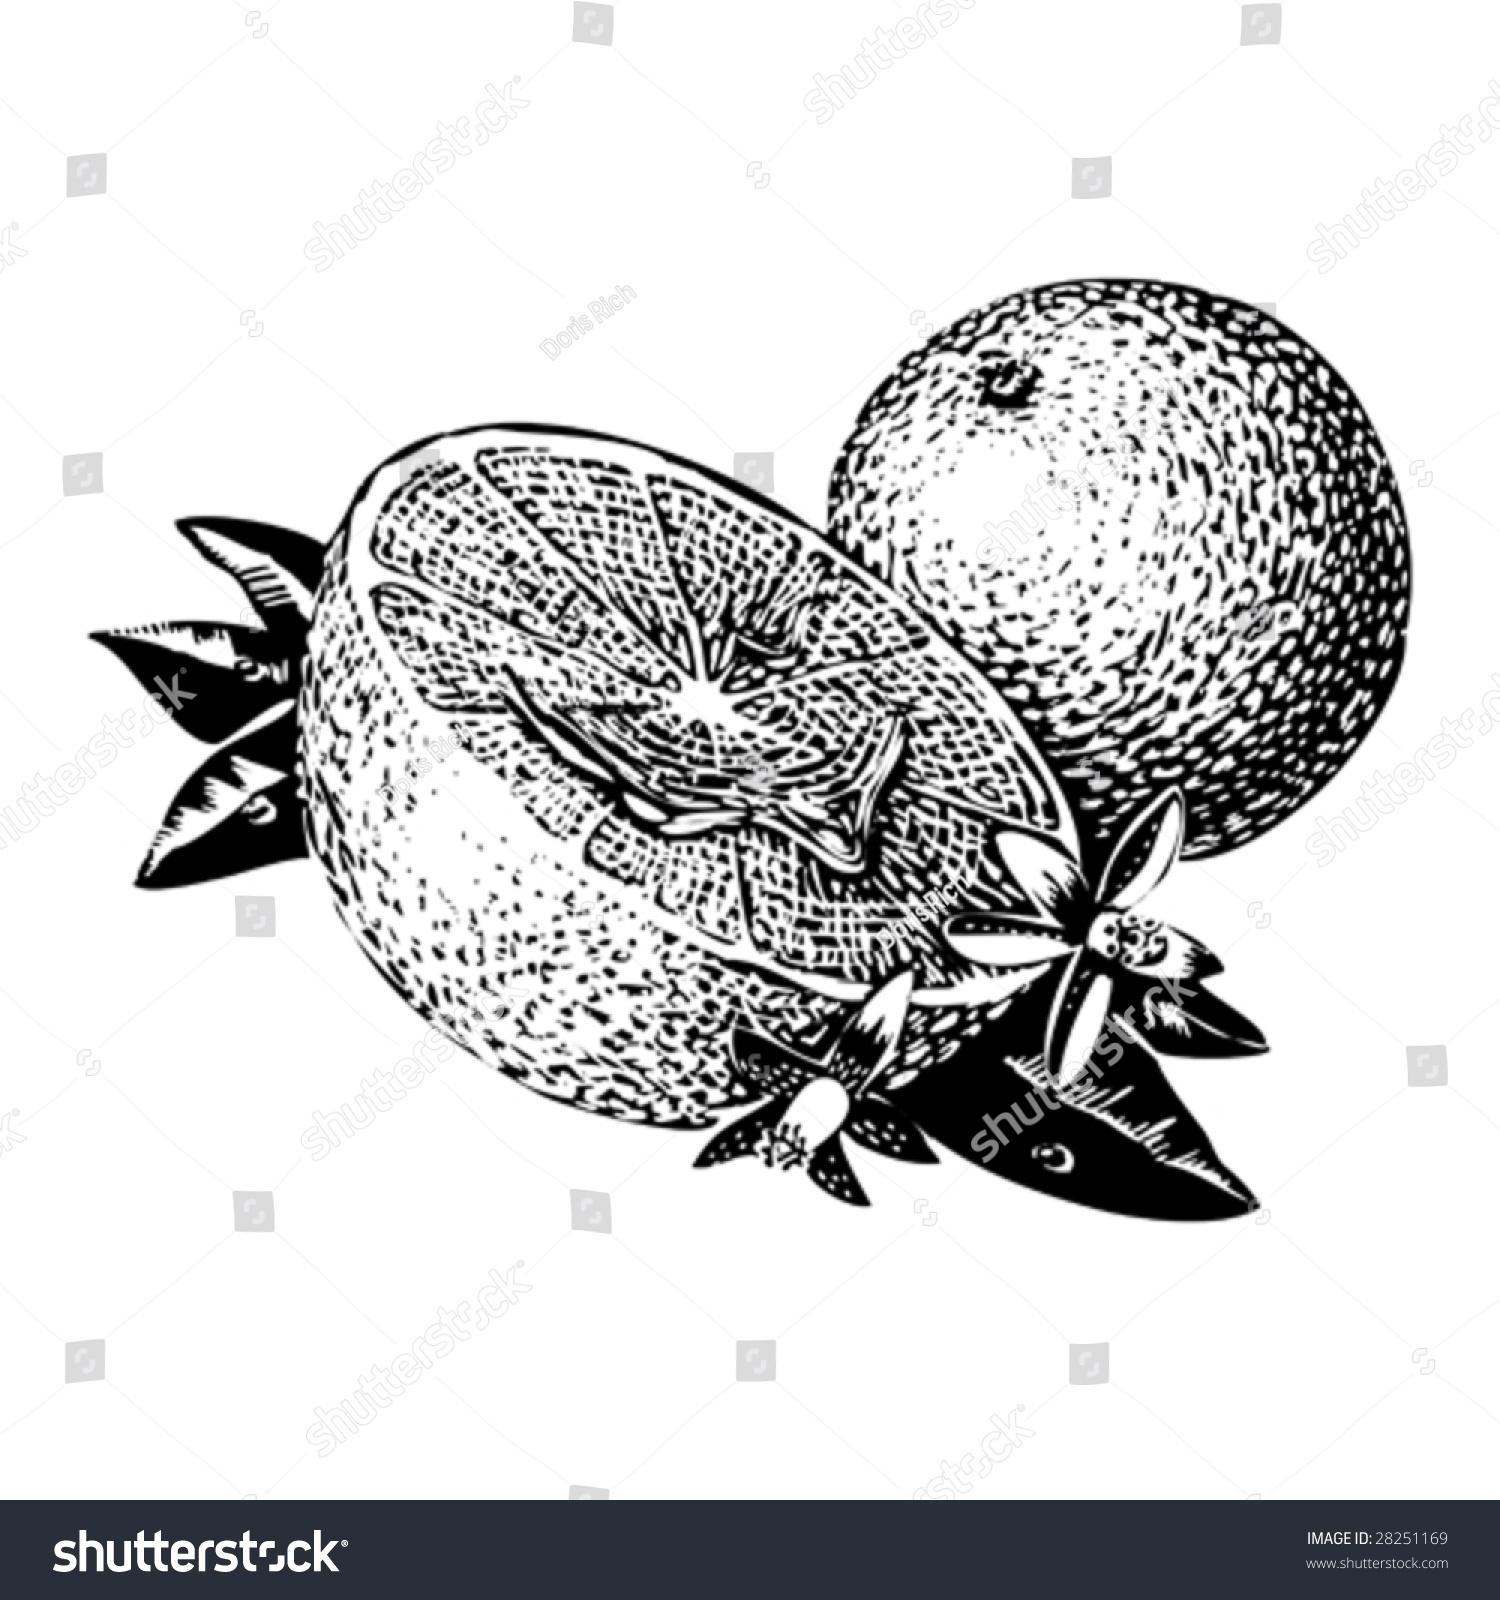 橘子联想图形创意设计